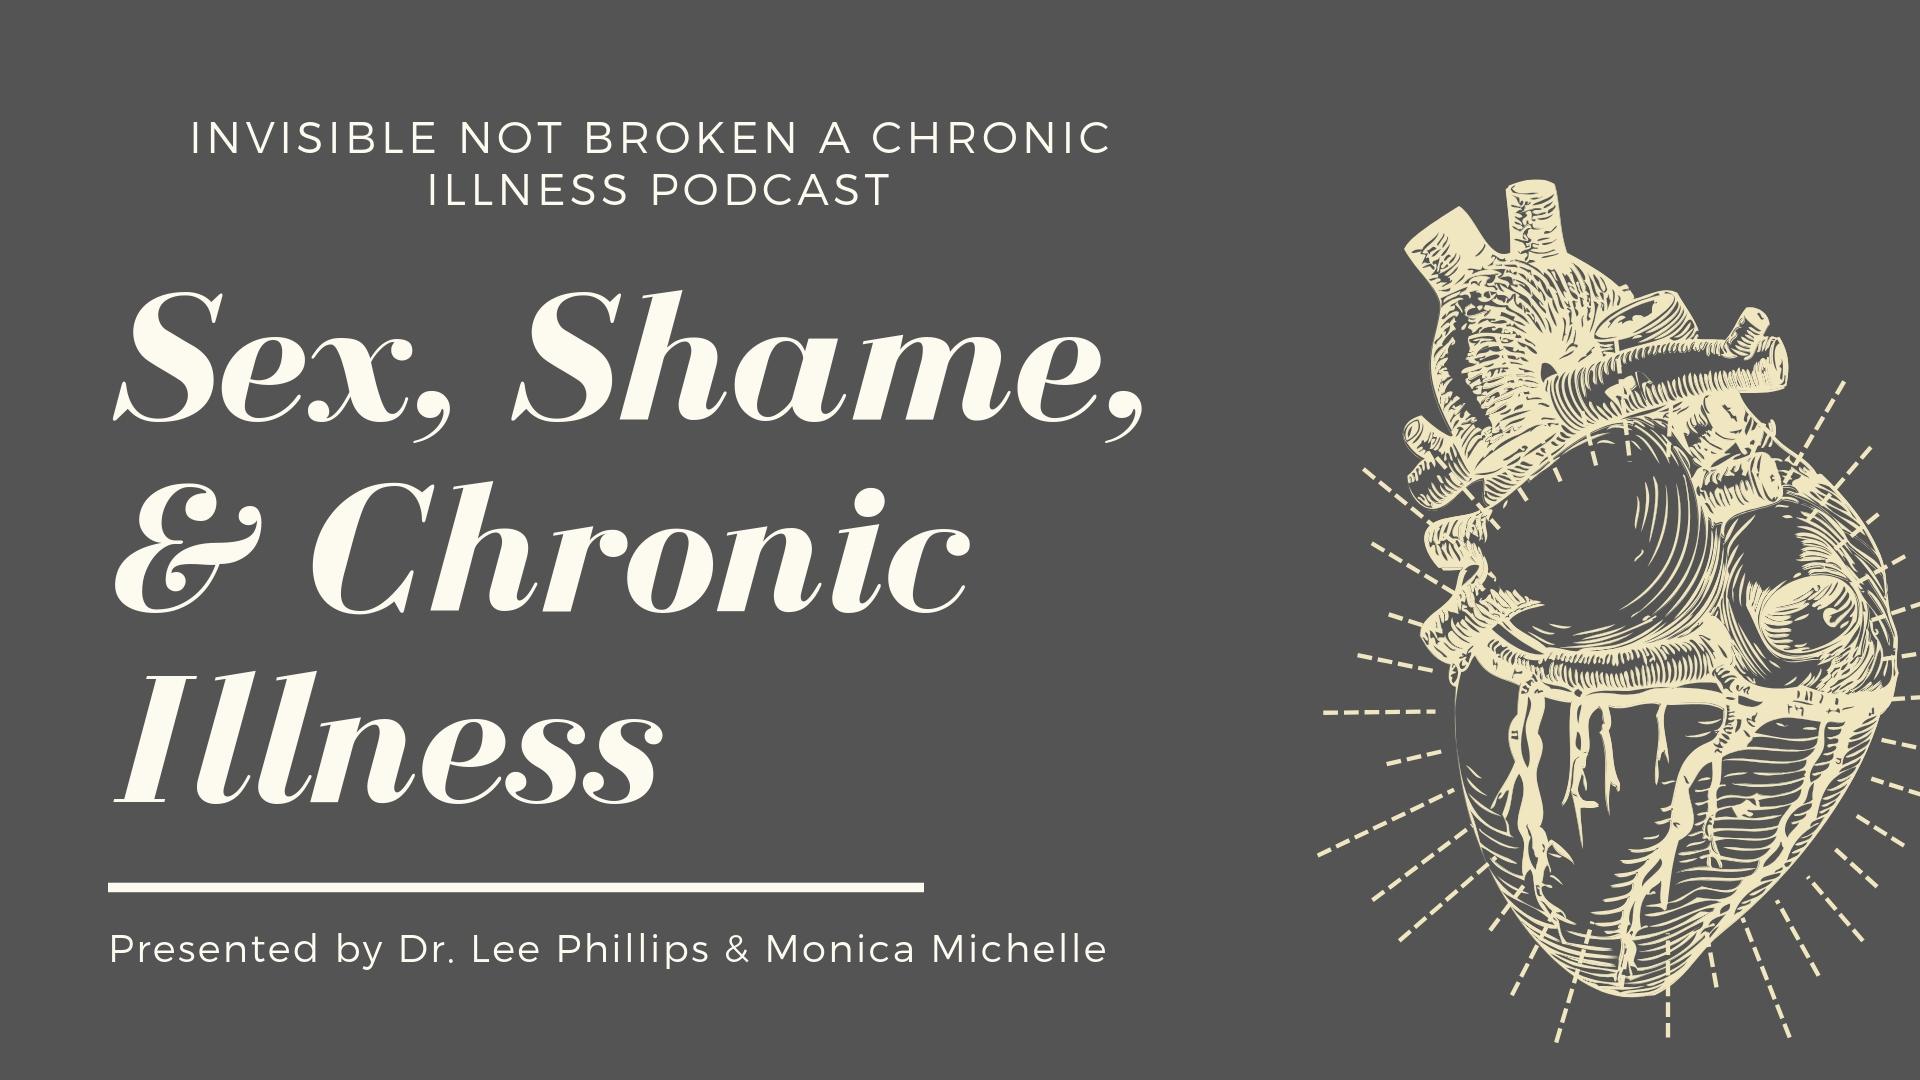 Sex, Shame, & Chronic Illness youtube.jpg